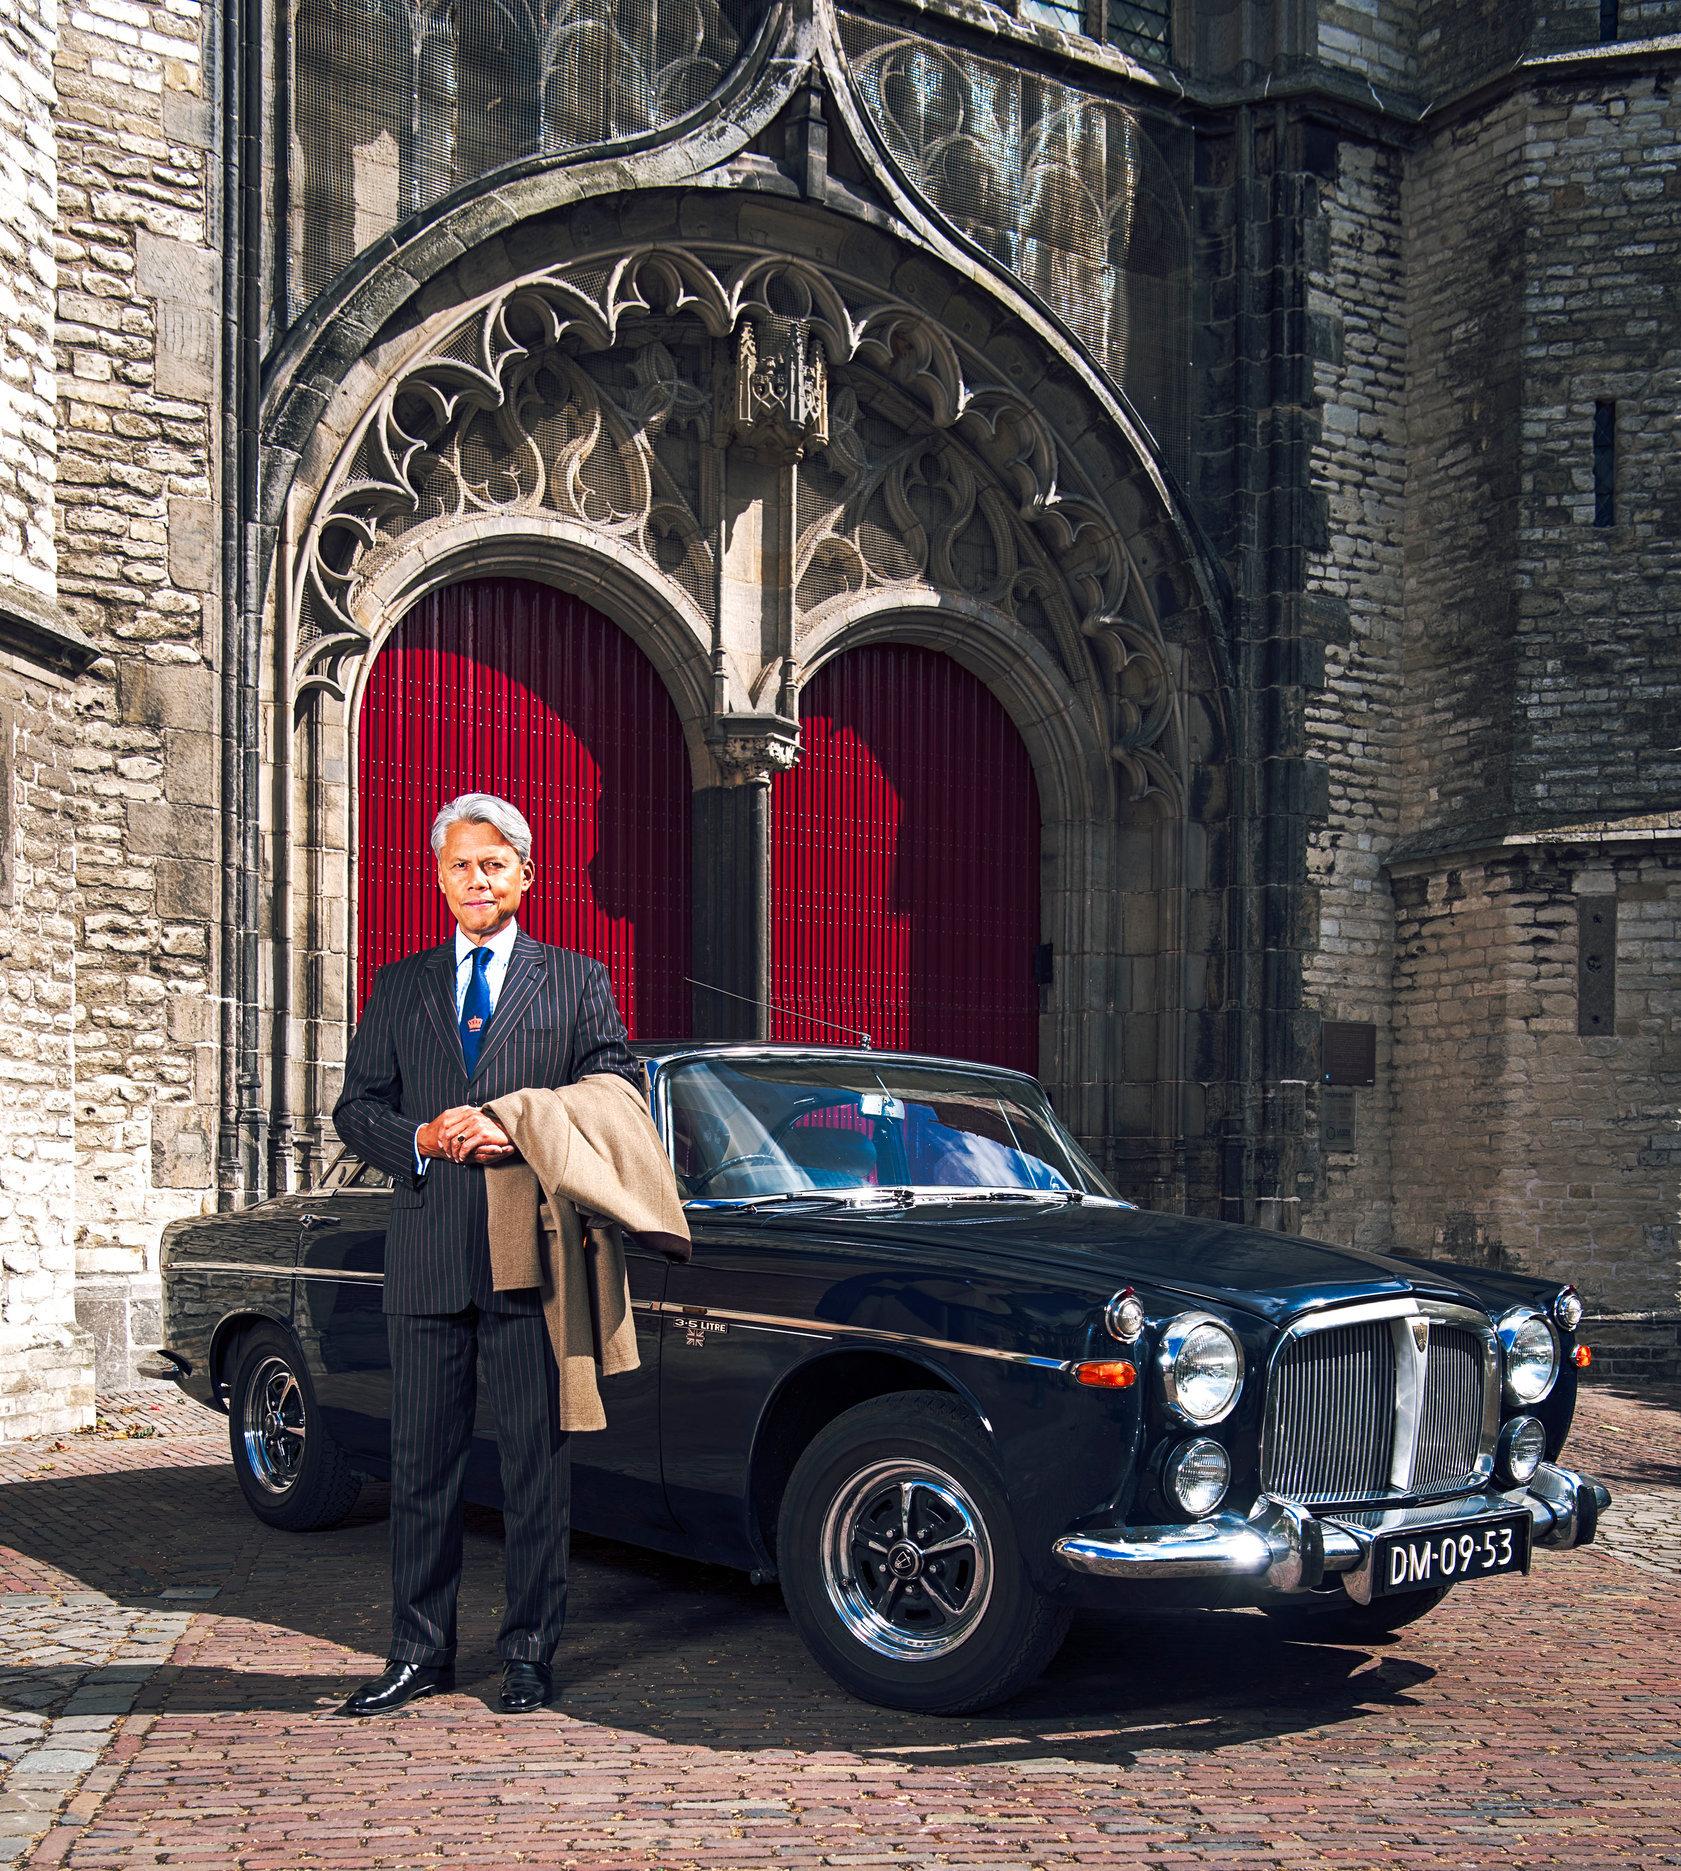 Jan Jaap van Weering, etiquetteur